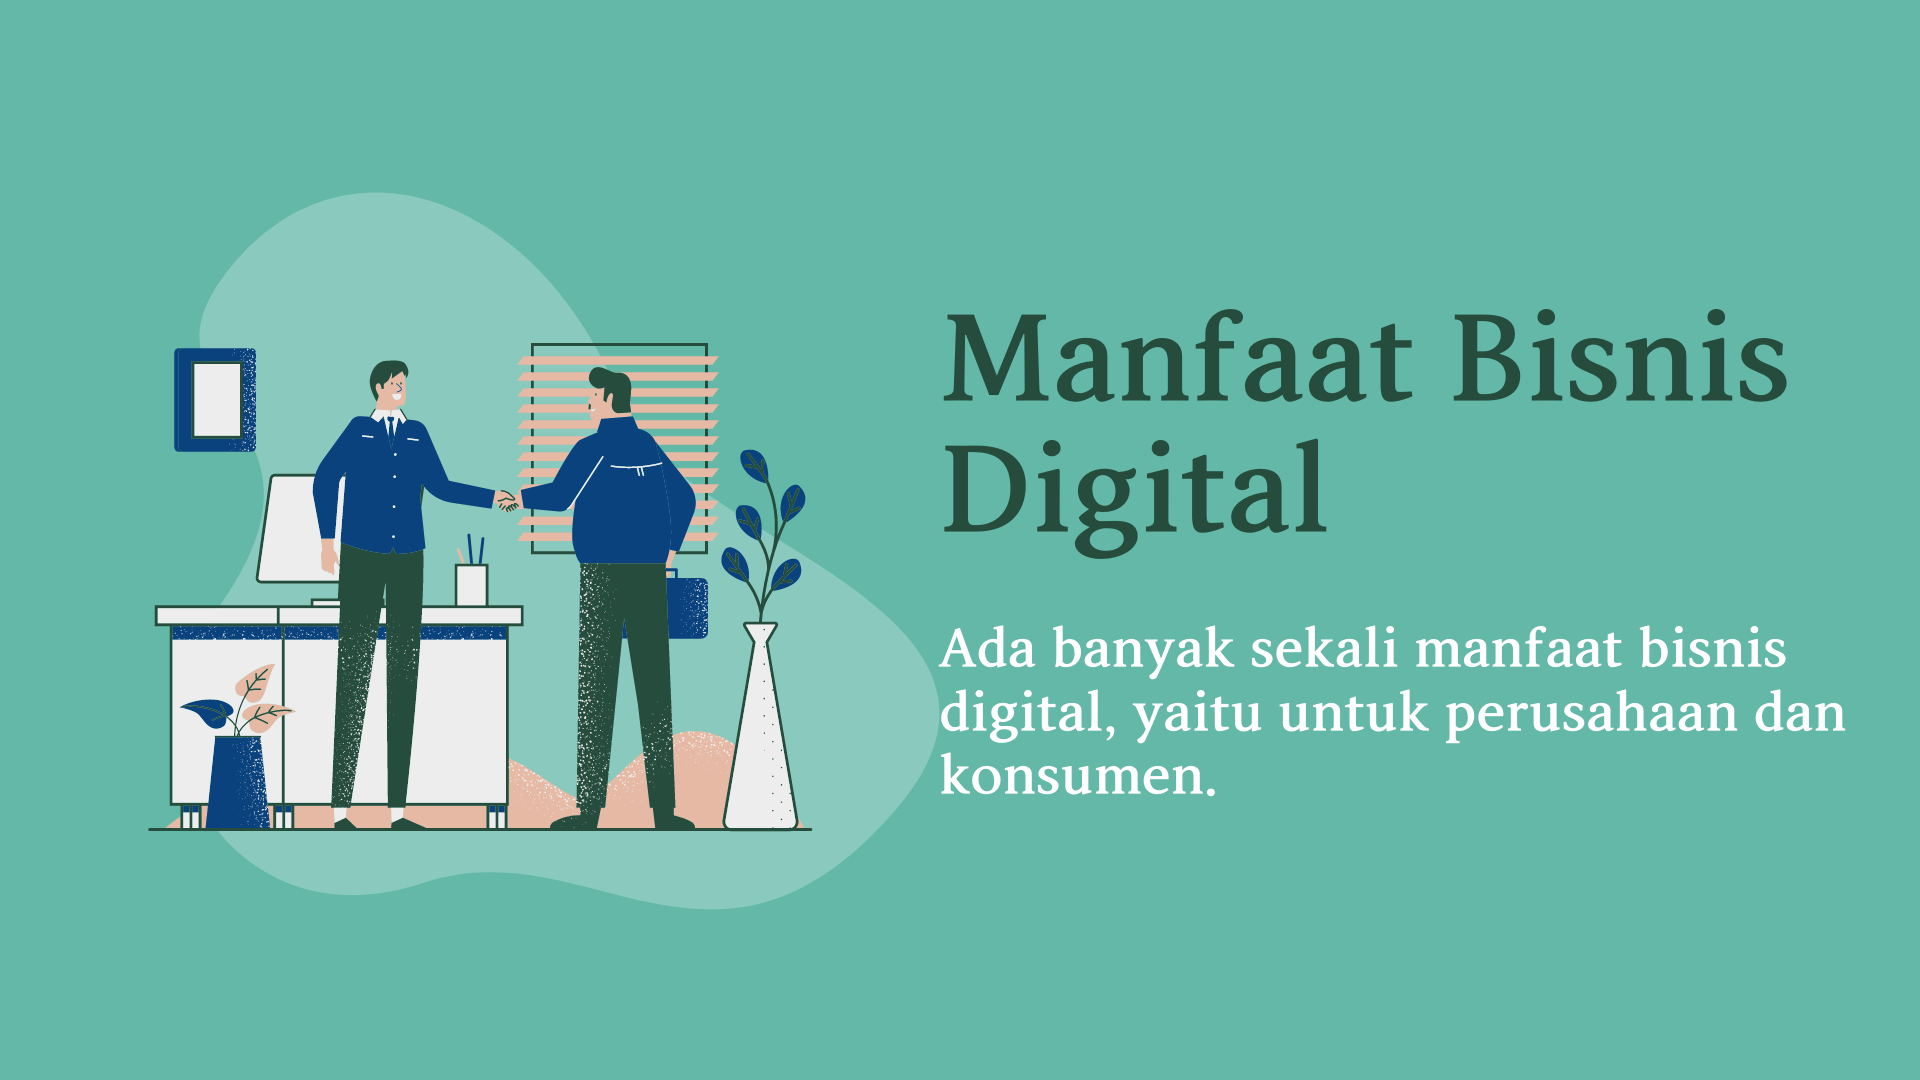 manfaat bisnis digital